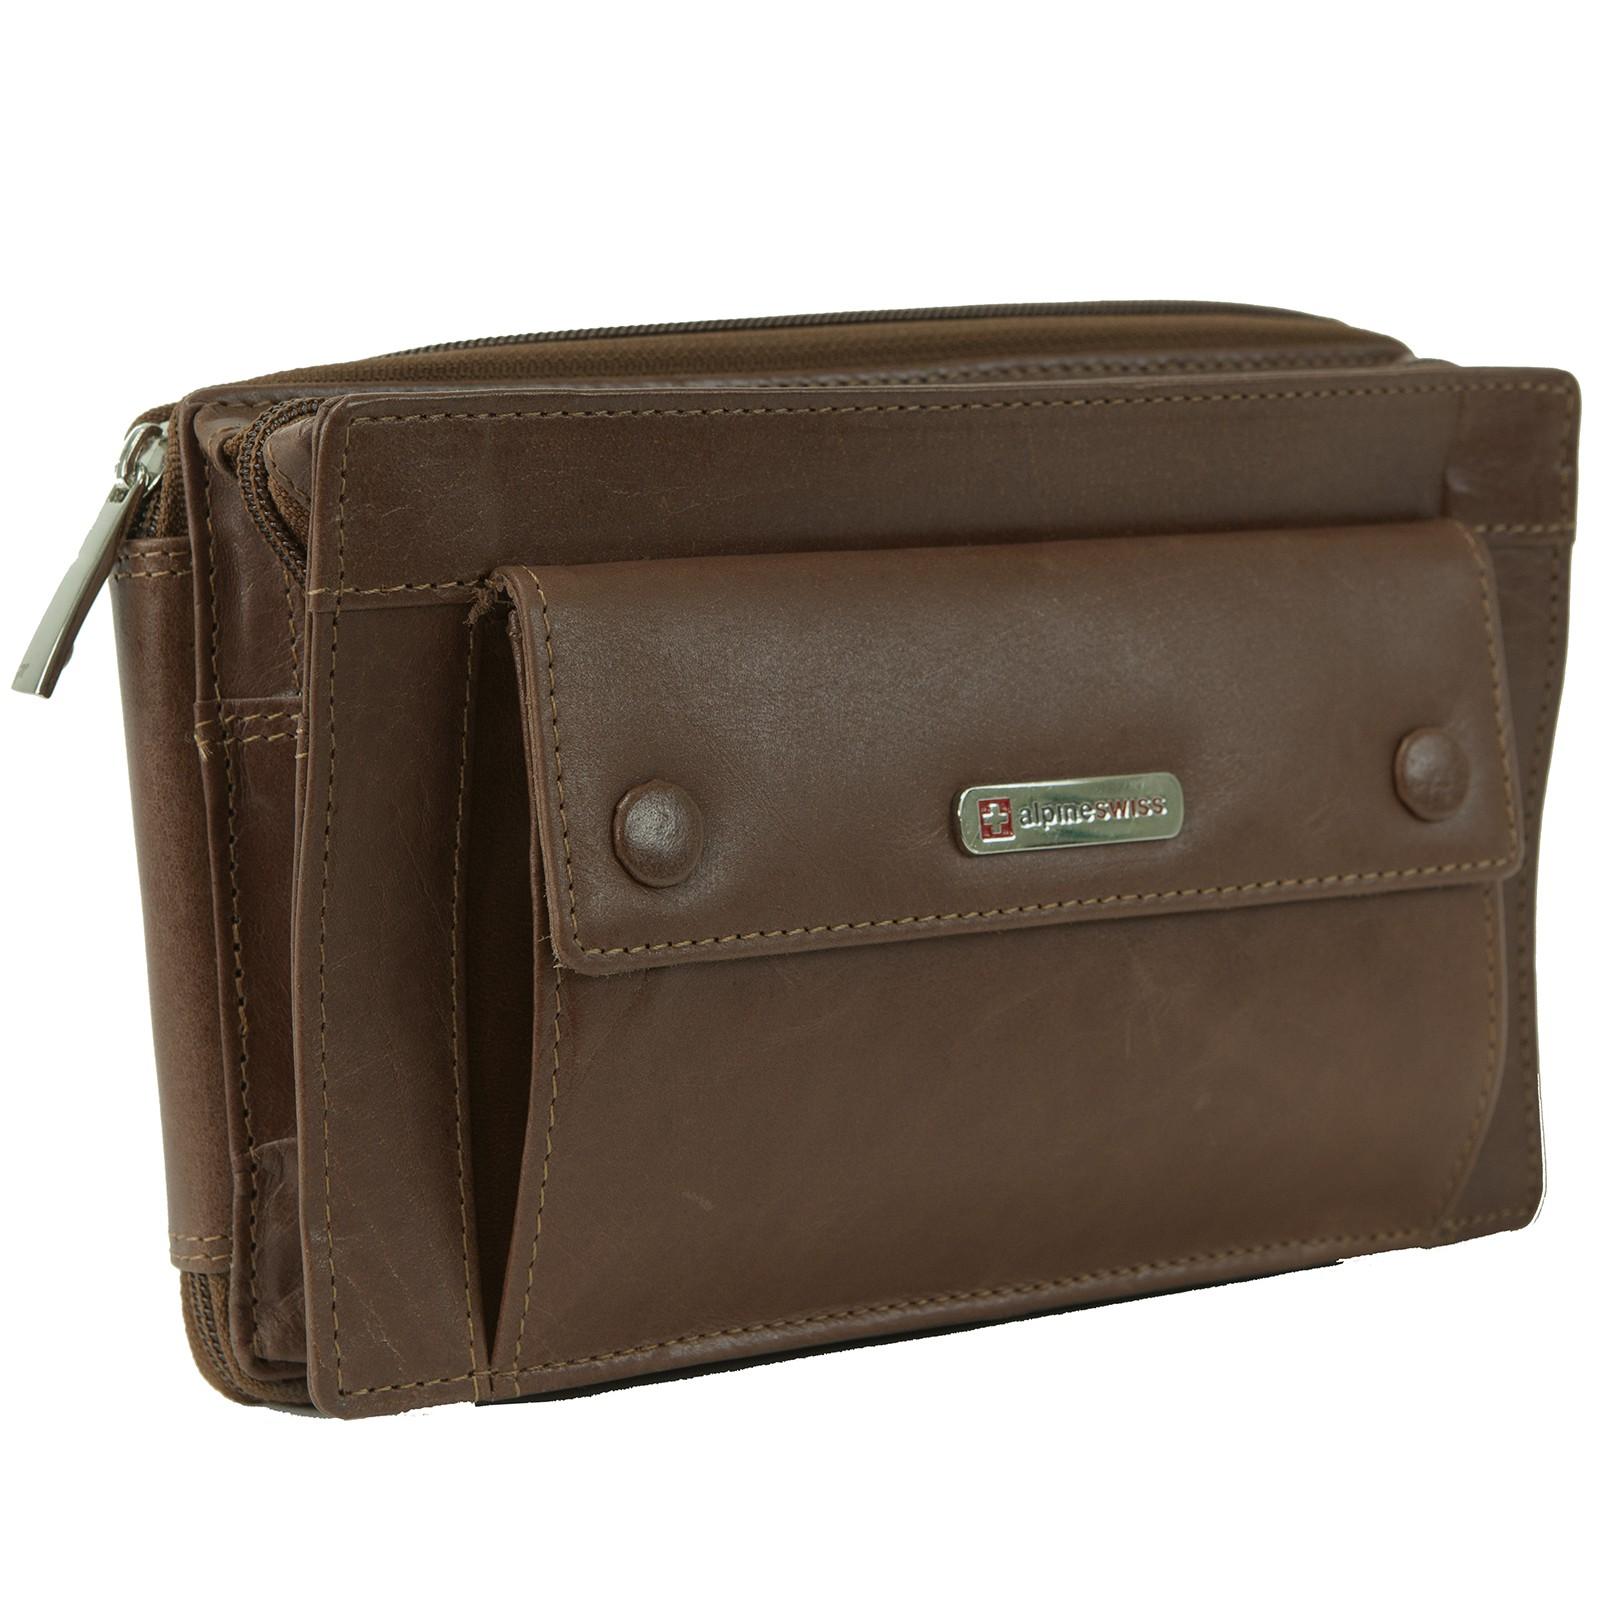 4ee2b78c8053 Alpine Swiss Men's RFID Blocking Leather Clutch Bag Travel Case Wallet  Organizer